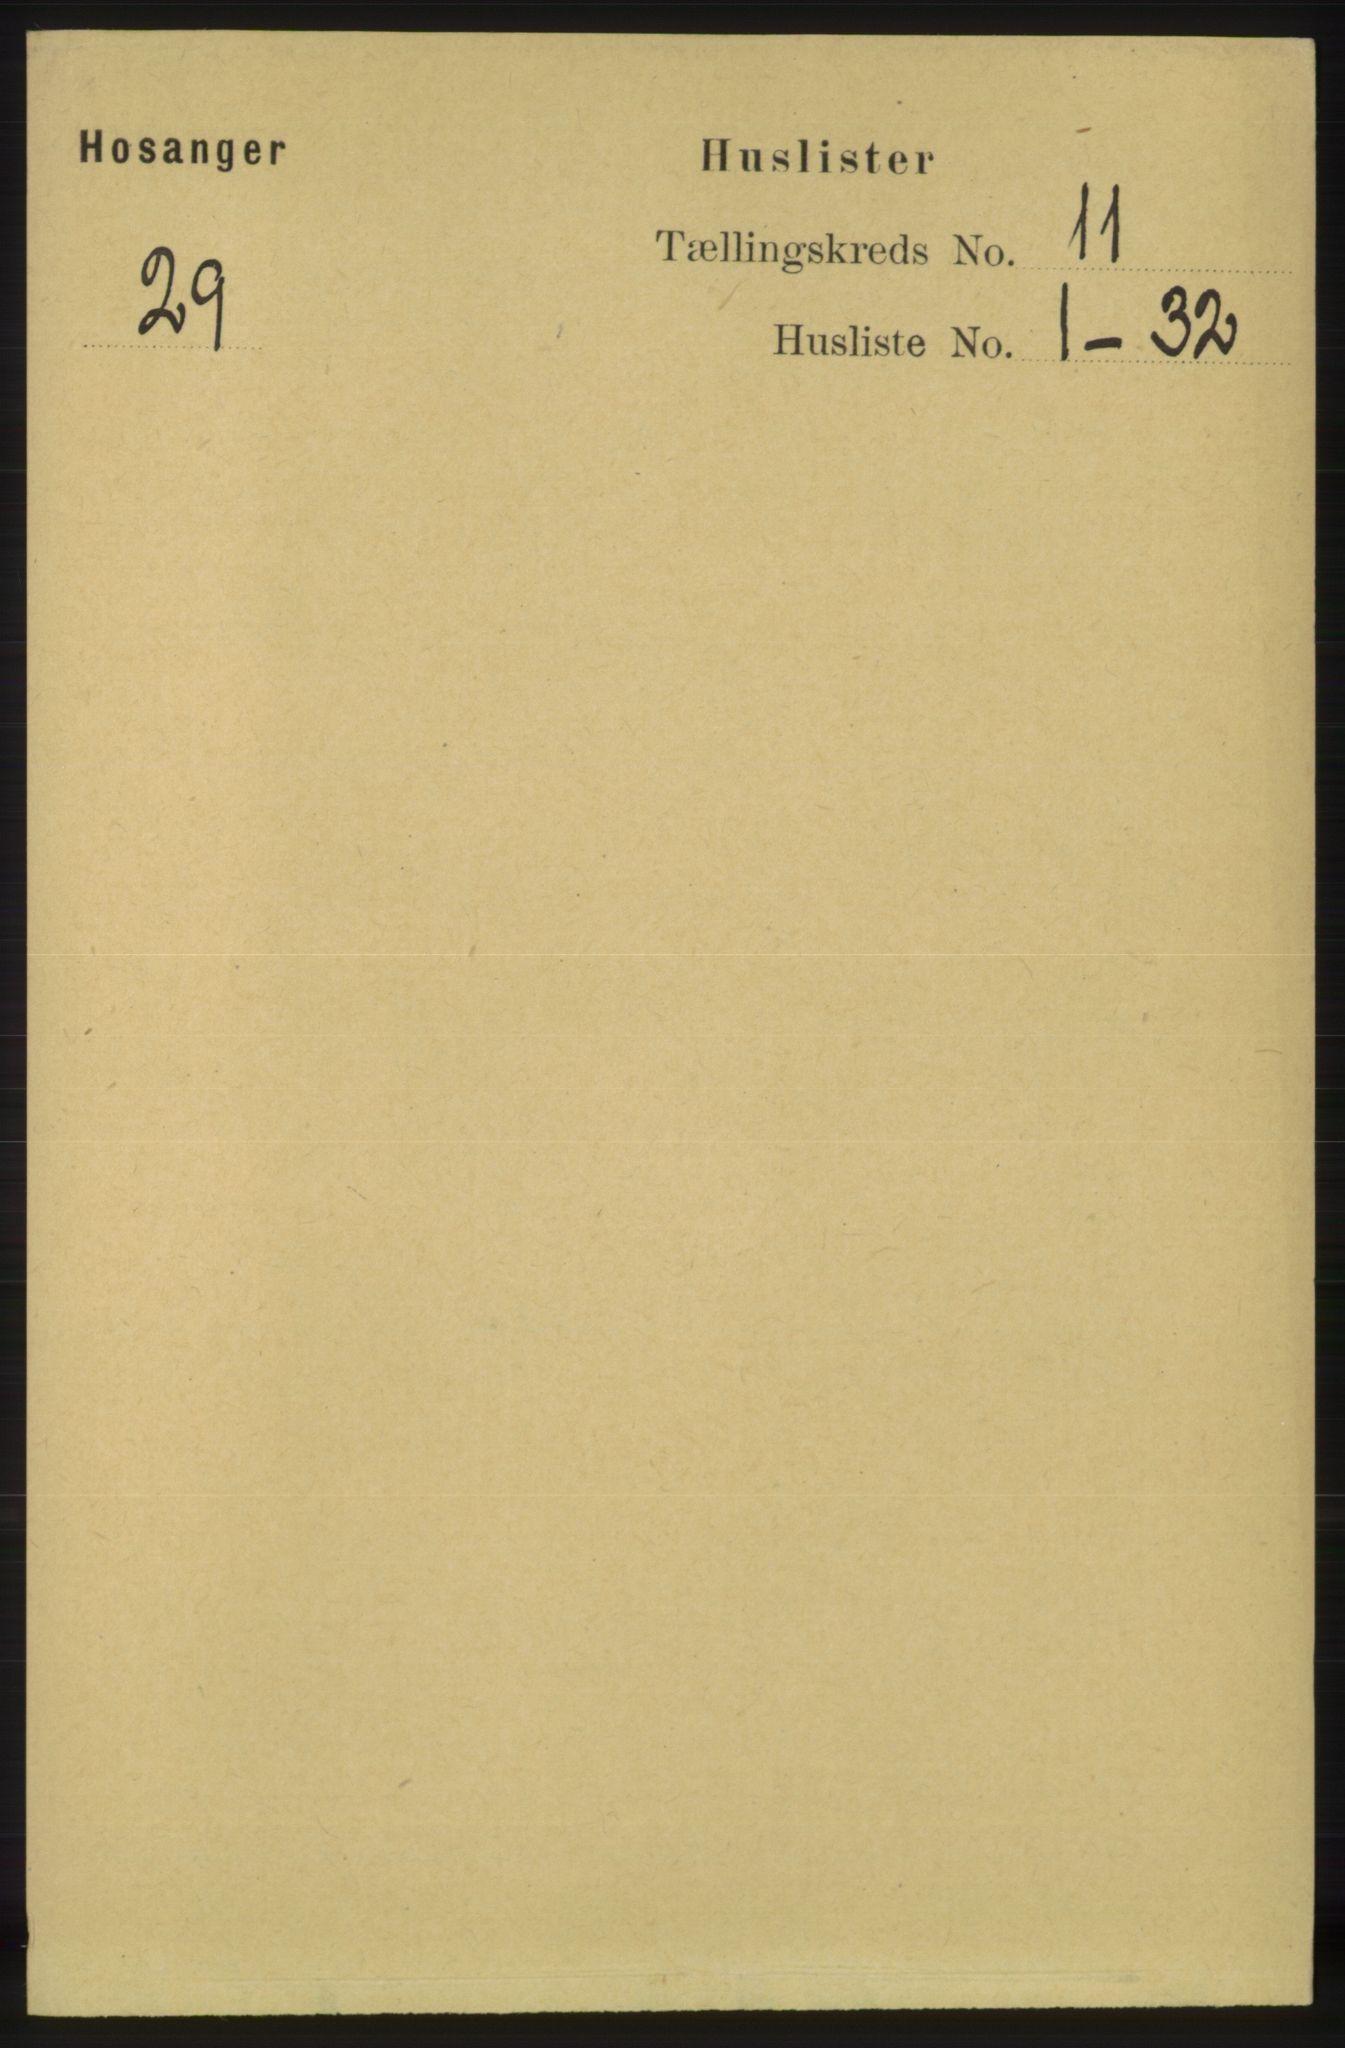 RA, Folketelling 1891 for 1253 Hosanger herred, 1891, s. 3658